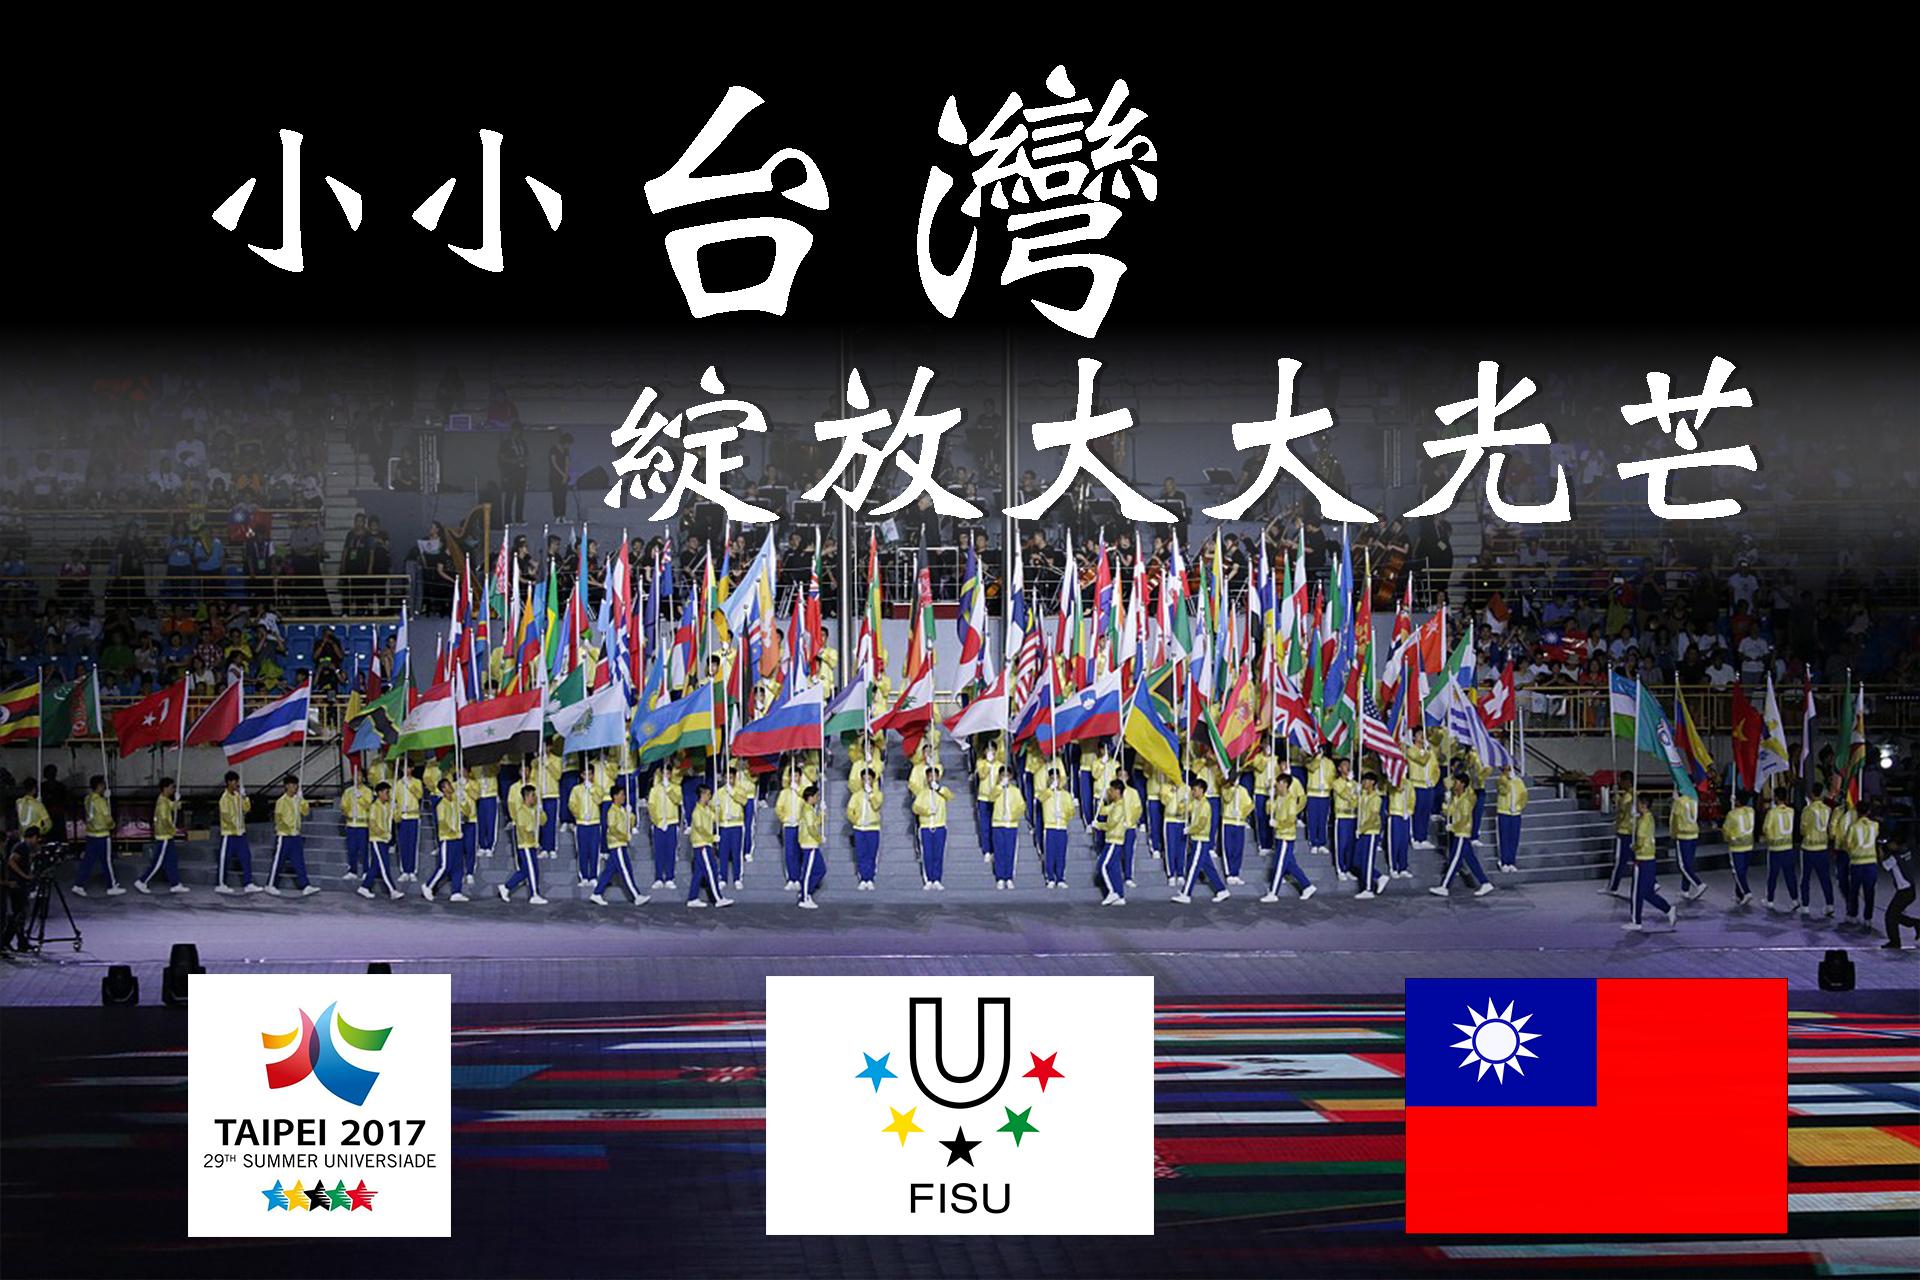 [世大運]小小台灣在運動場上,綻放大大光芒:盤點歷屆參賽佳績